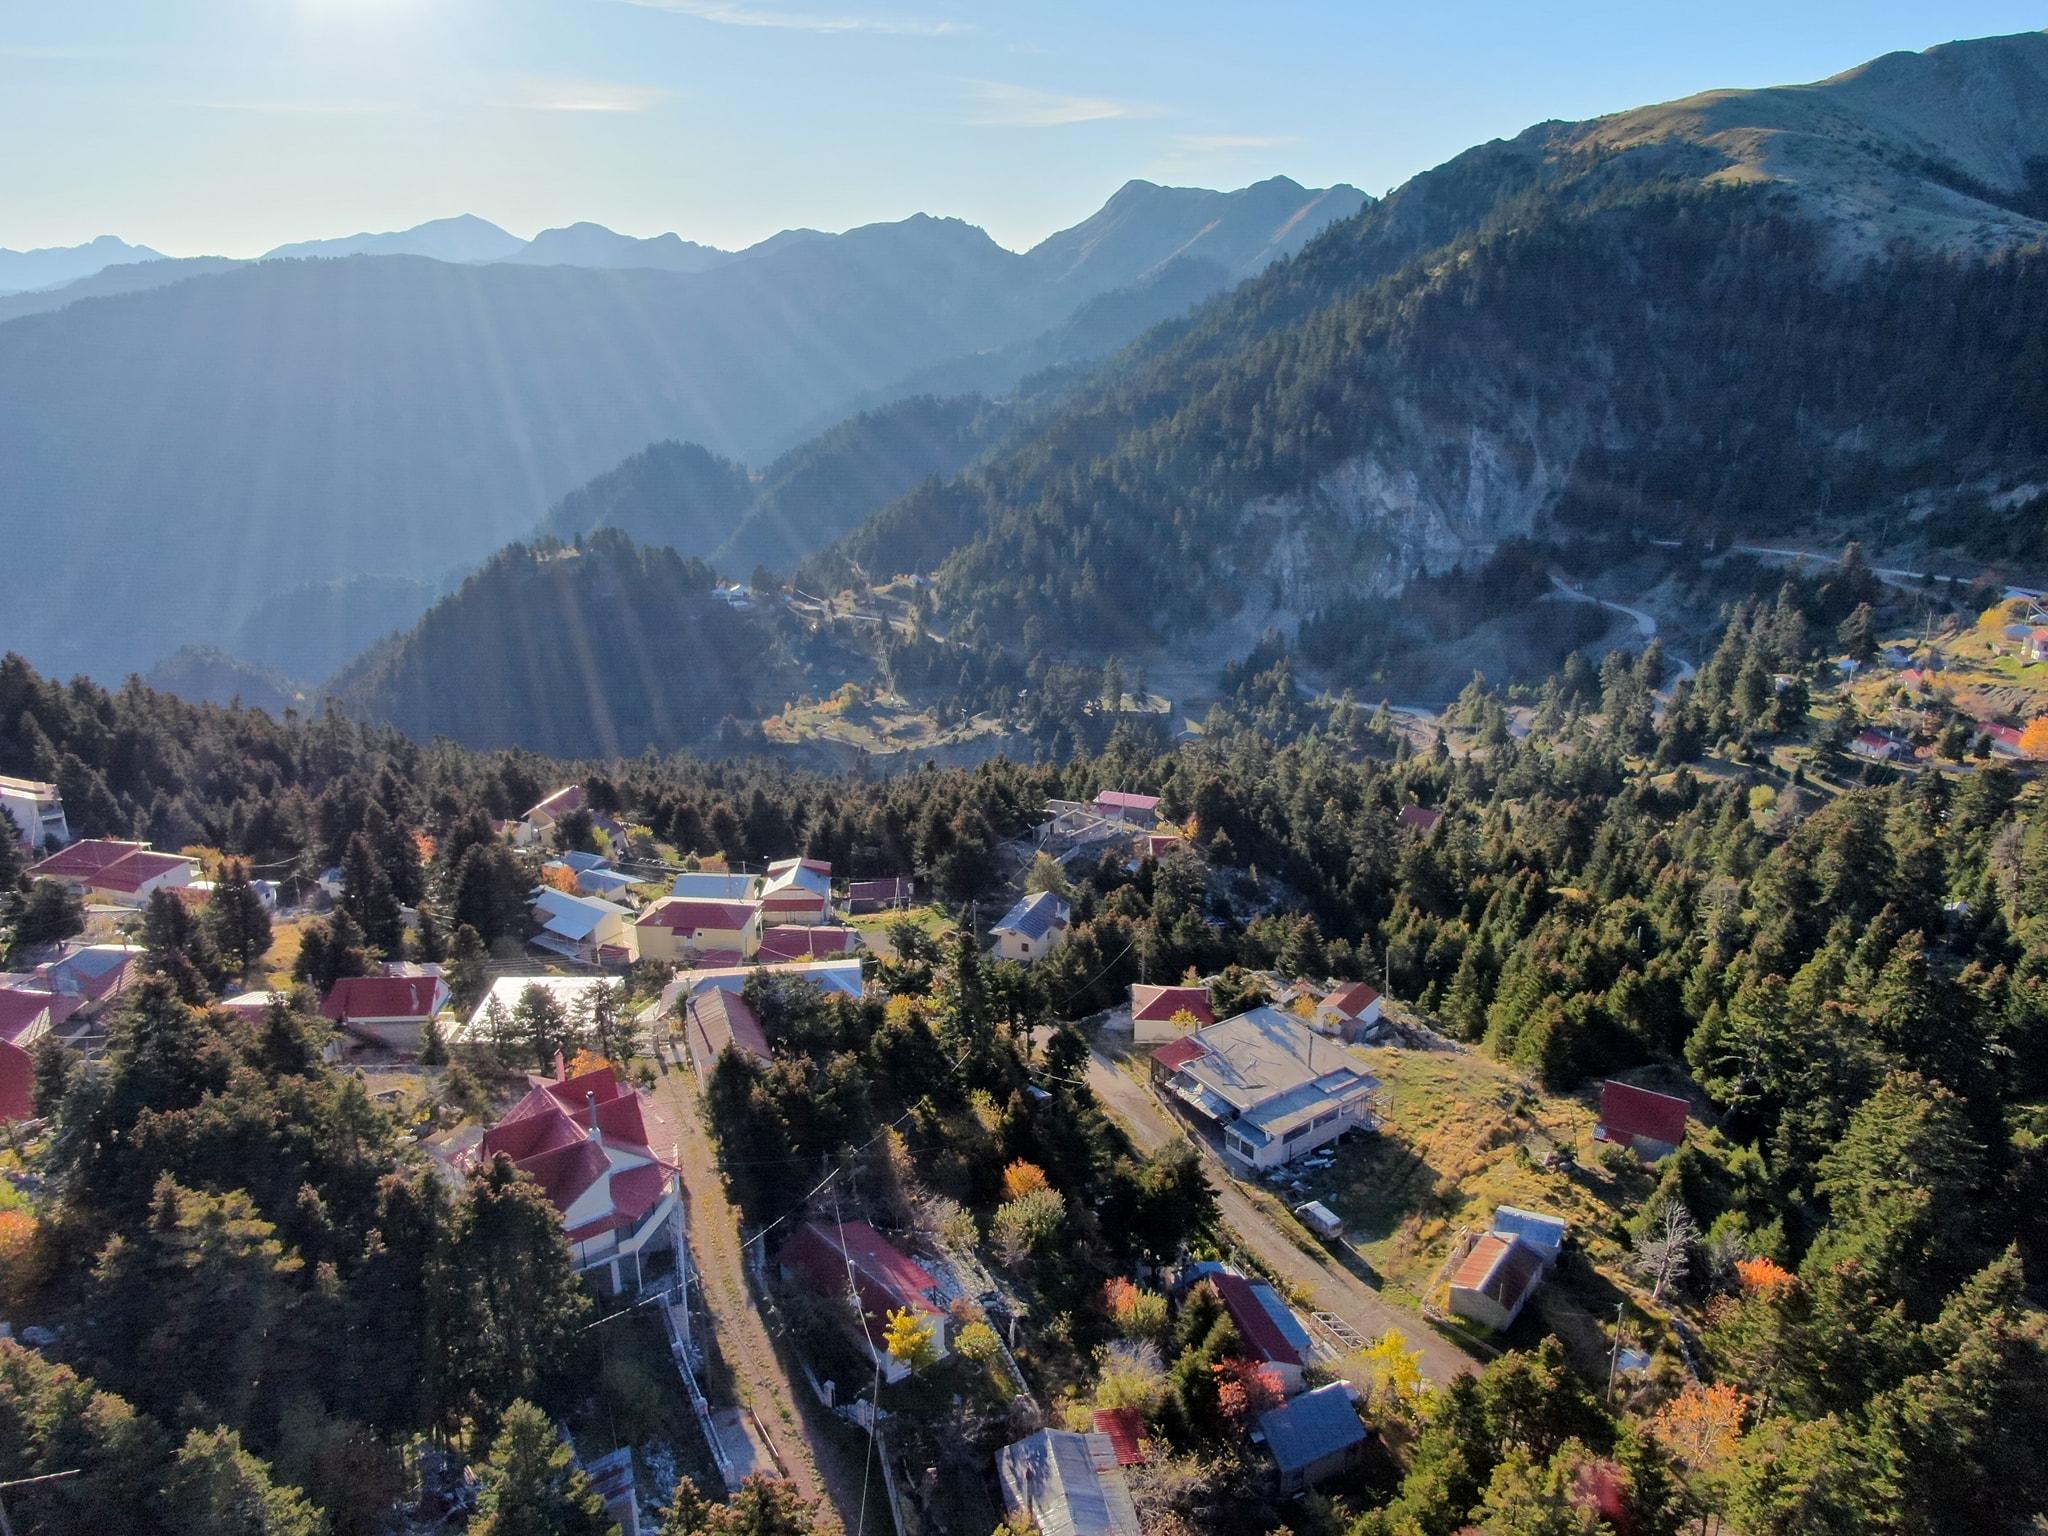 Βίντεο: Αρέντα, ένα από τα υψηλότερα χωριά της Ελλάδας